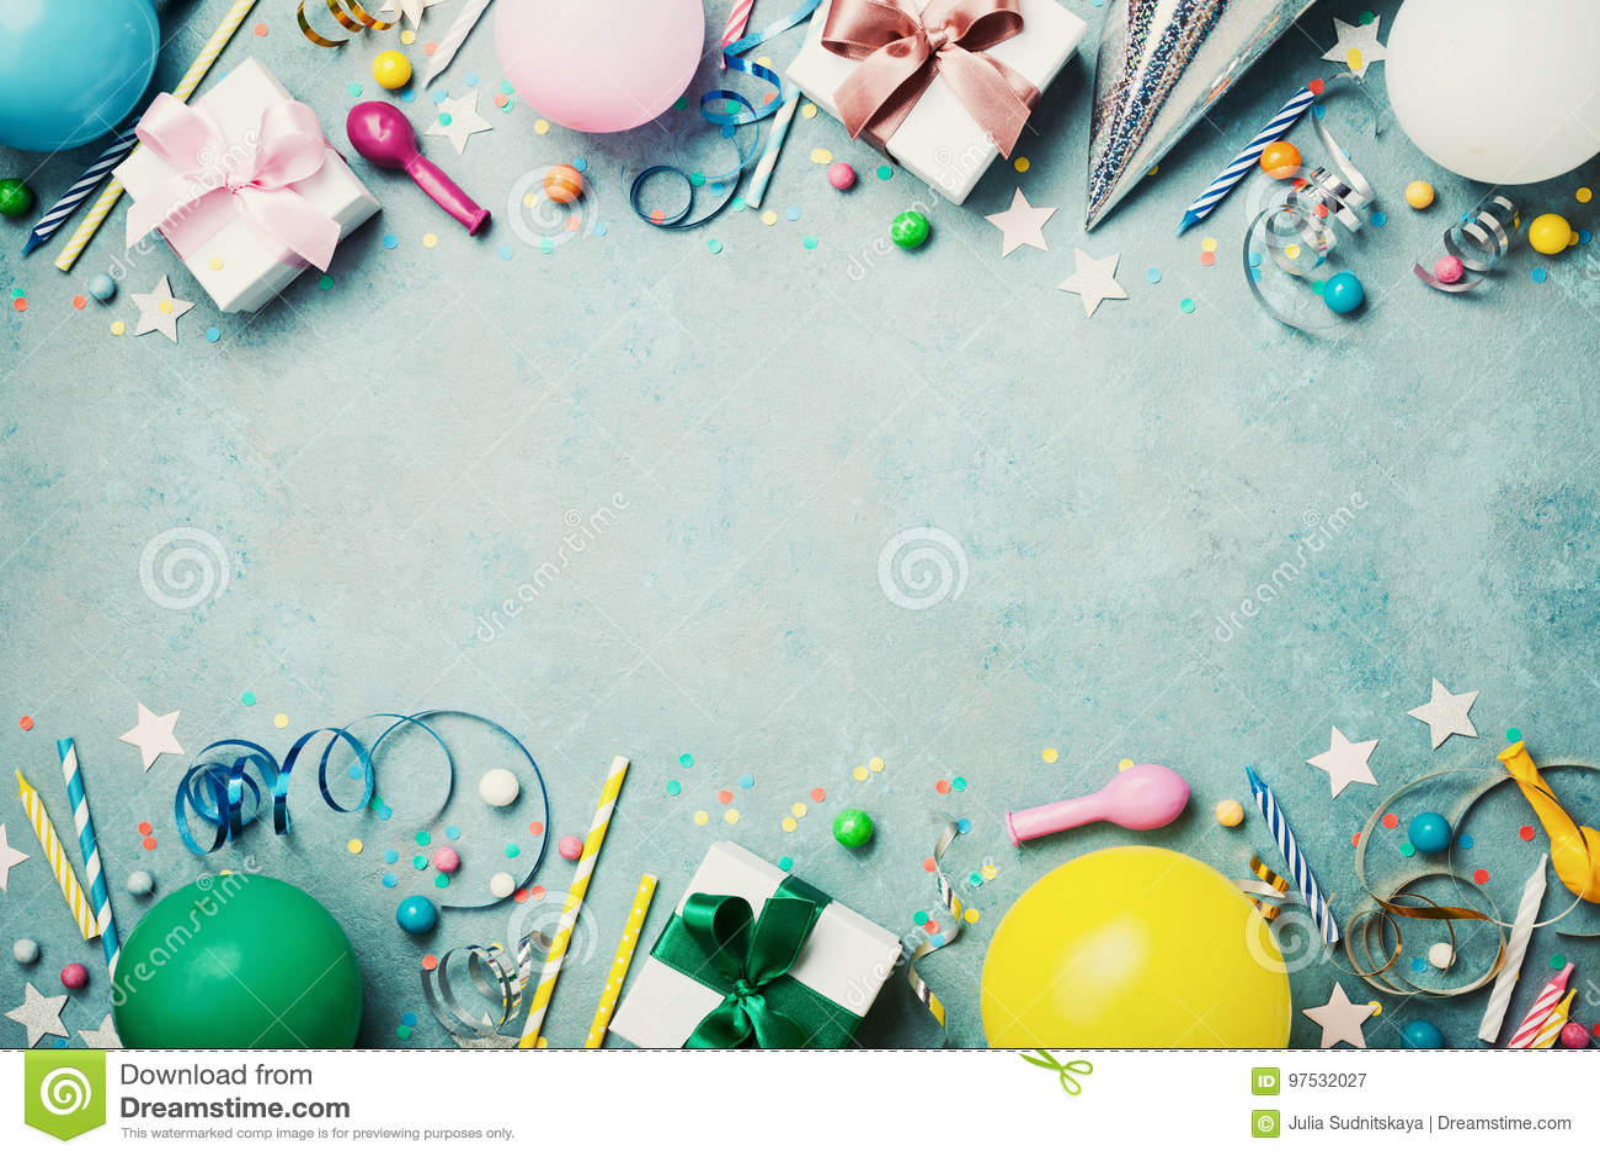 生日聚会横幅或背景与五颜六色的气球、礼物、狂欢节盖帽、五彩纸屑、糖果和飘带 平的位置样式